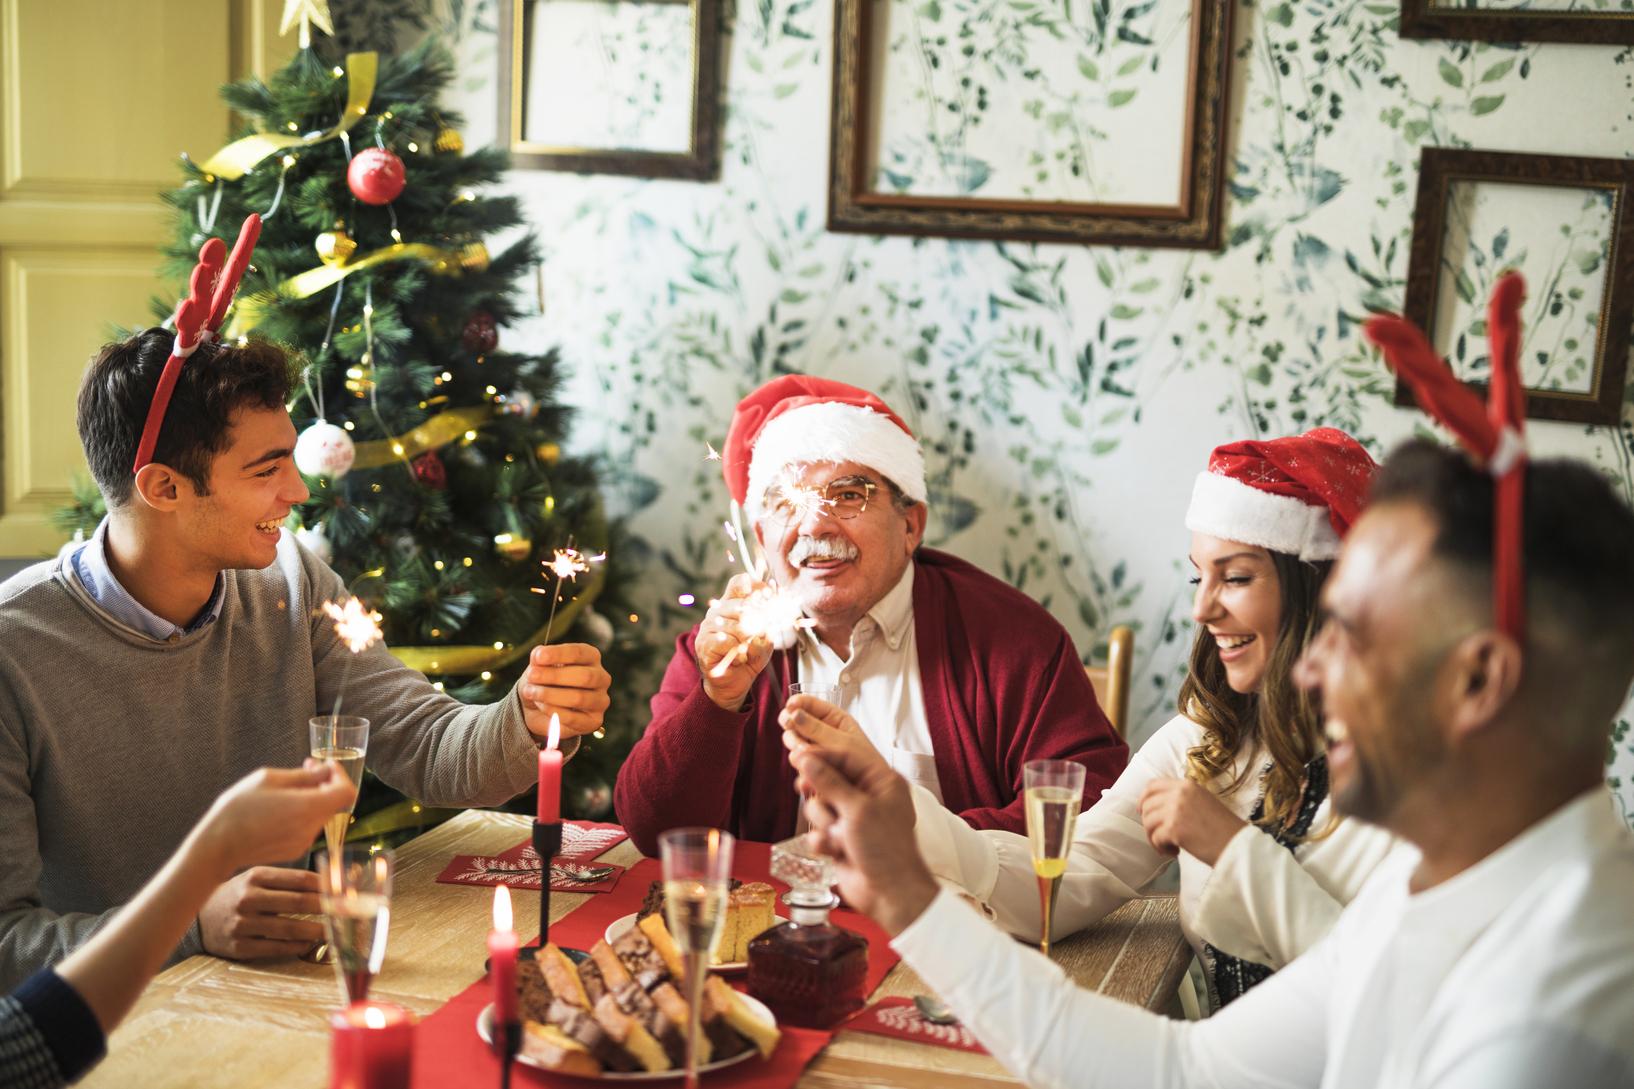 família sentada junto à mesa para a ceia de Natal